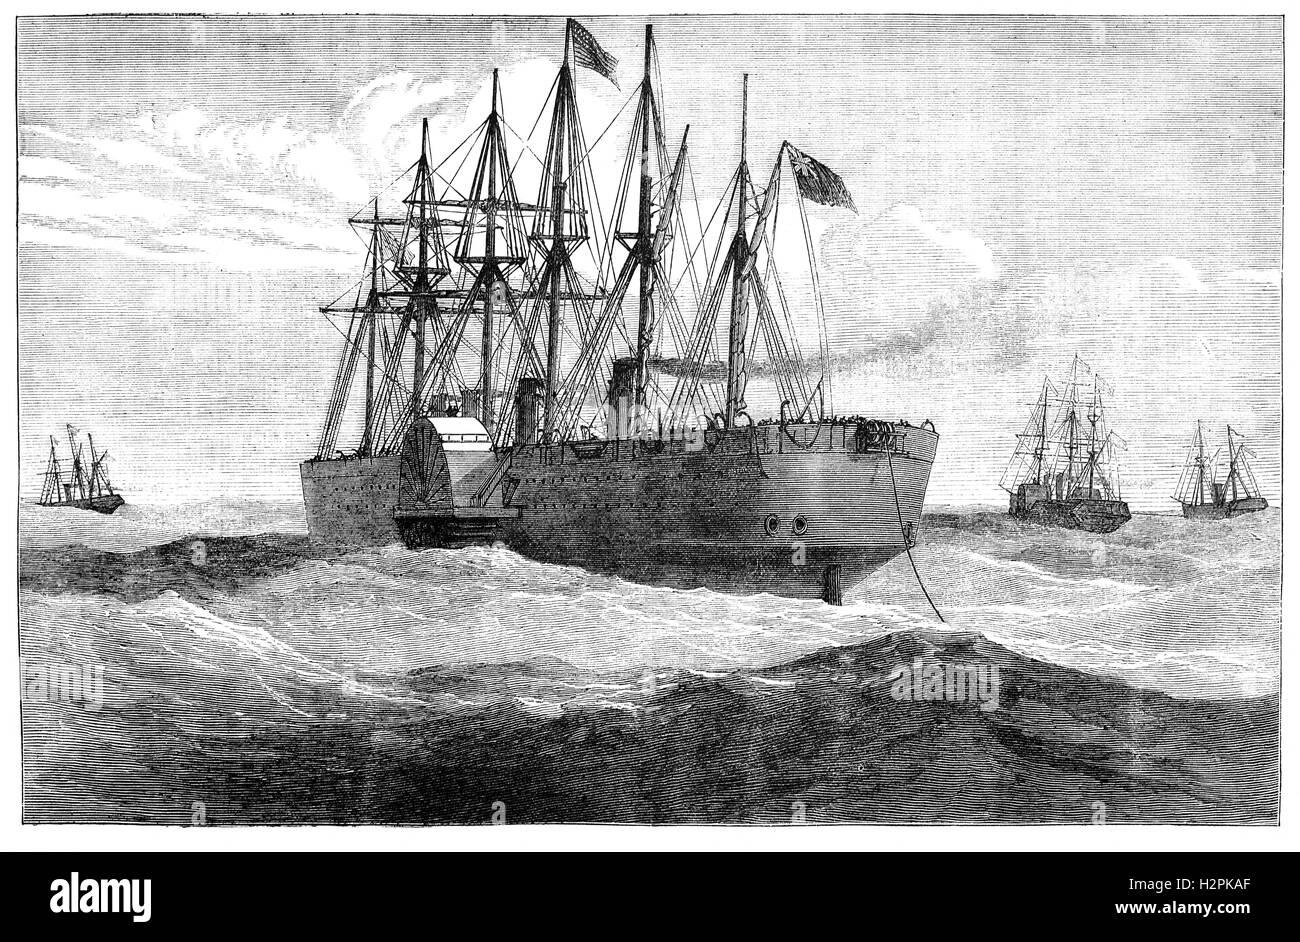 SS Great Eastern fue una plancha de vapor vela barco diseñado por Isambard Kingdom Brunel y el barco más grande Foto de stock